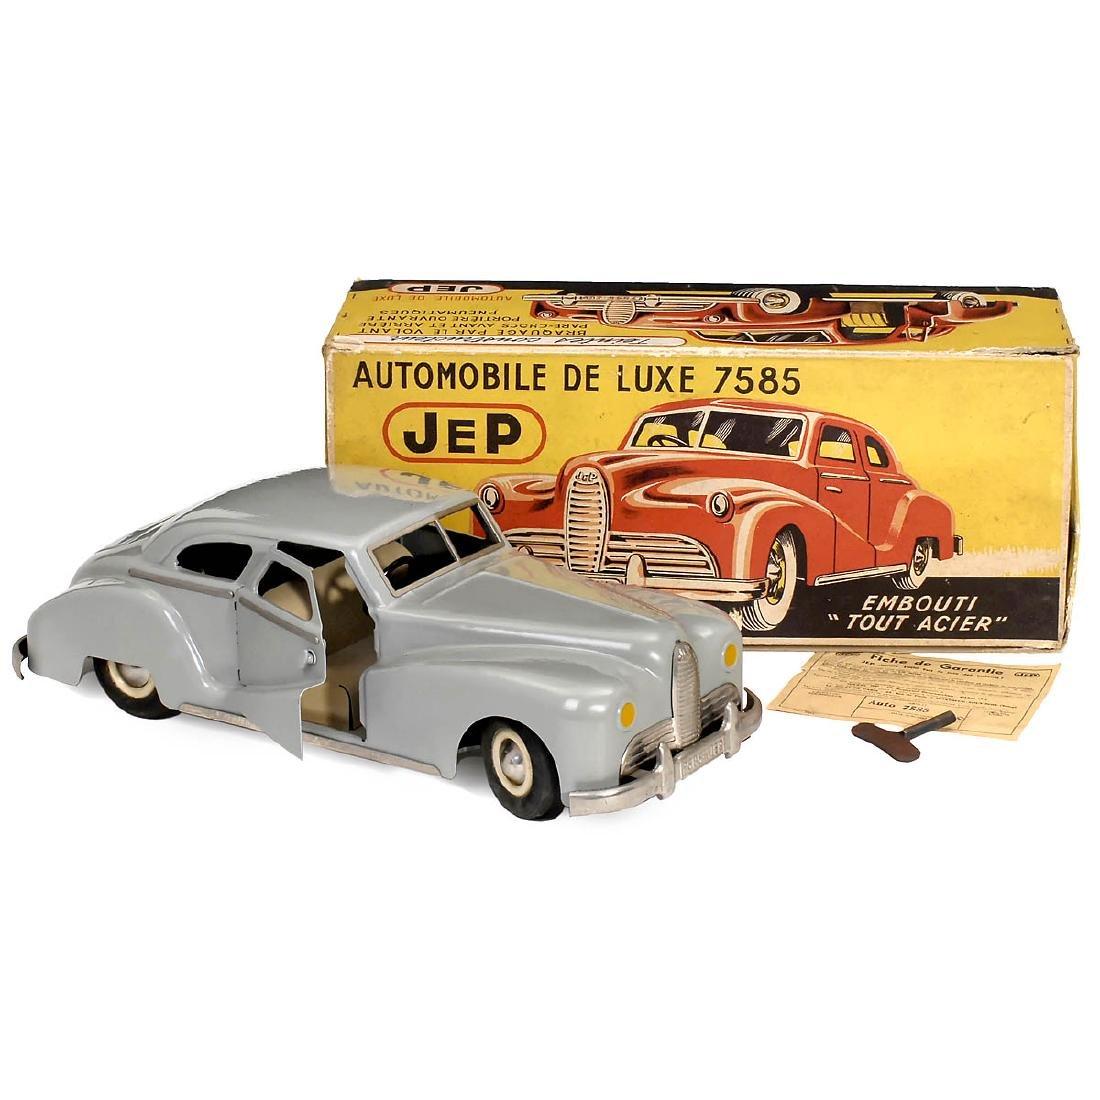 JEP Delahaye Limousine No. 7585, c. 1950